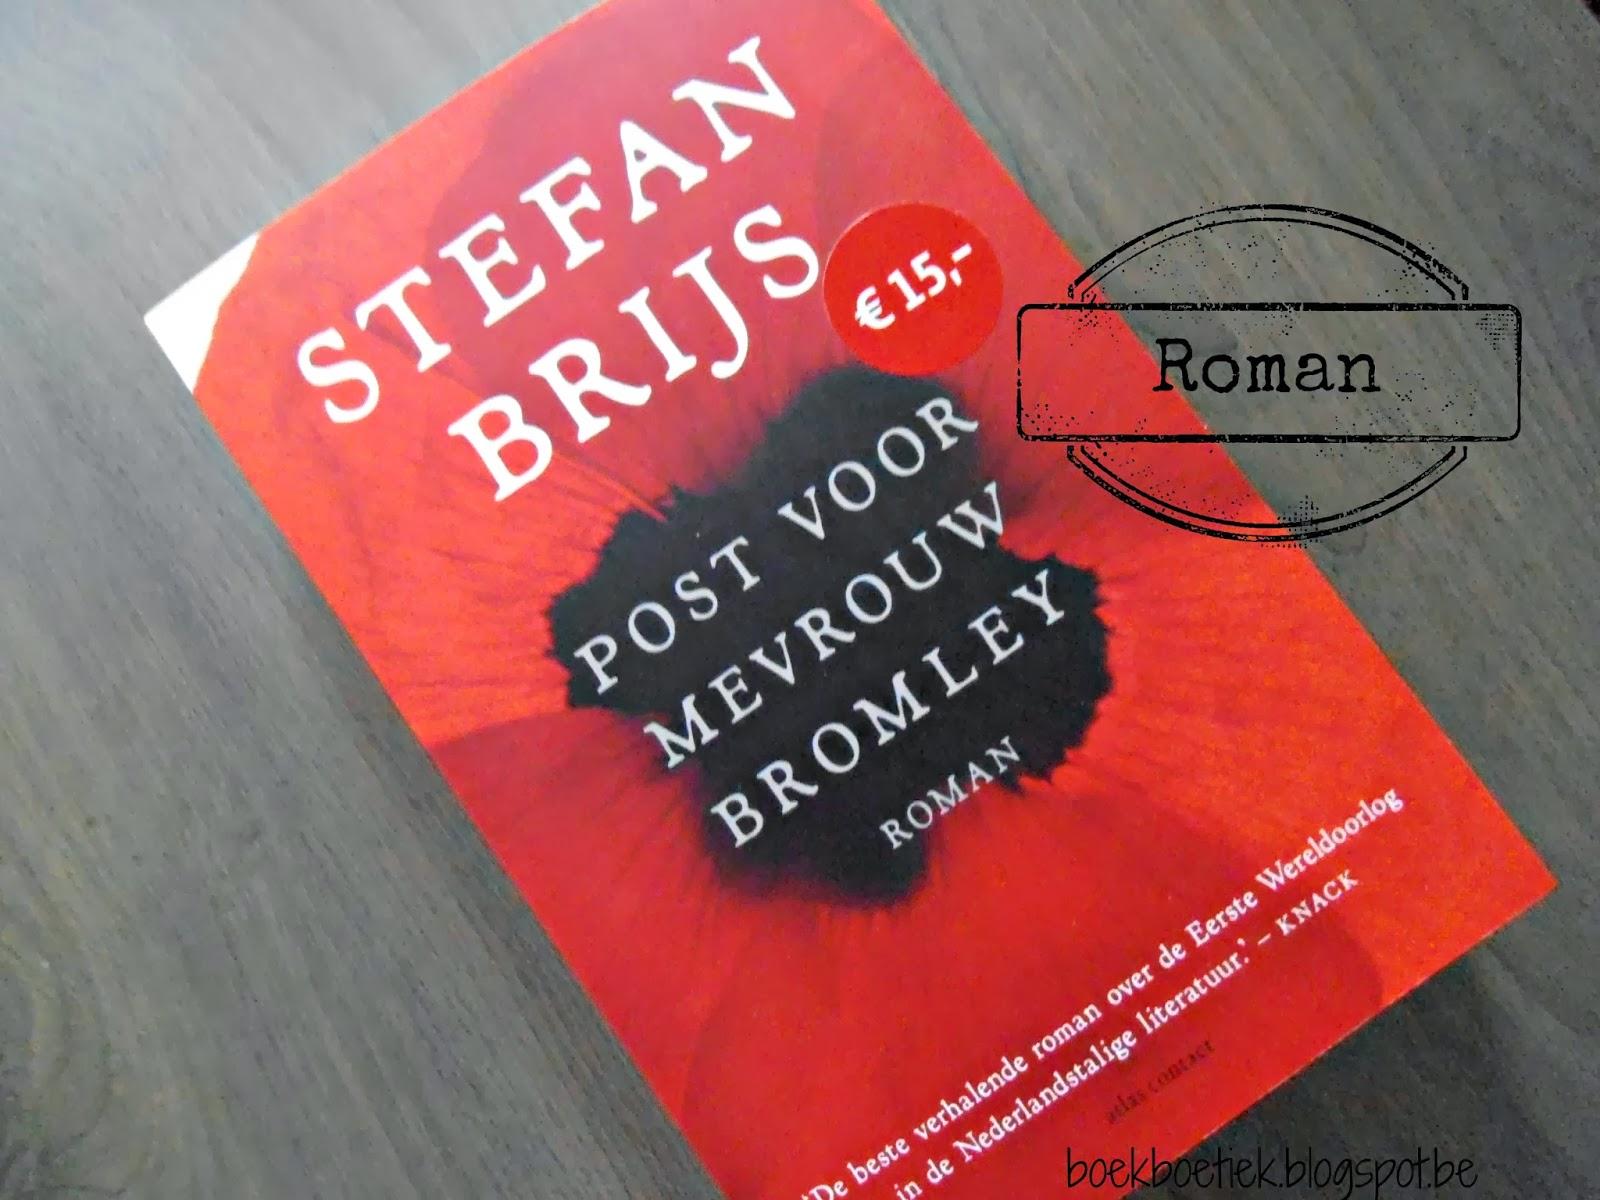 Citaten Post Voor Mevrouw Bromley : Boekboetiek recensie post voor mevrouw bromley stefan